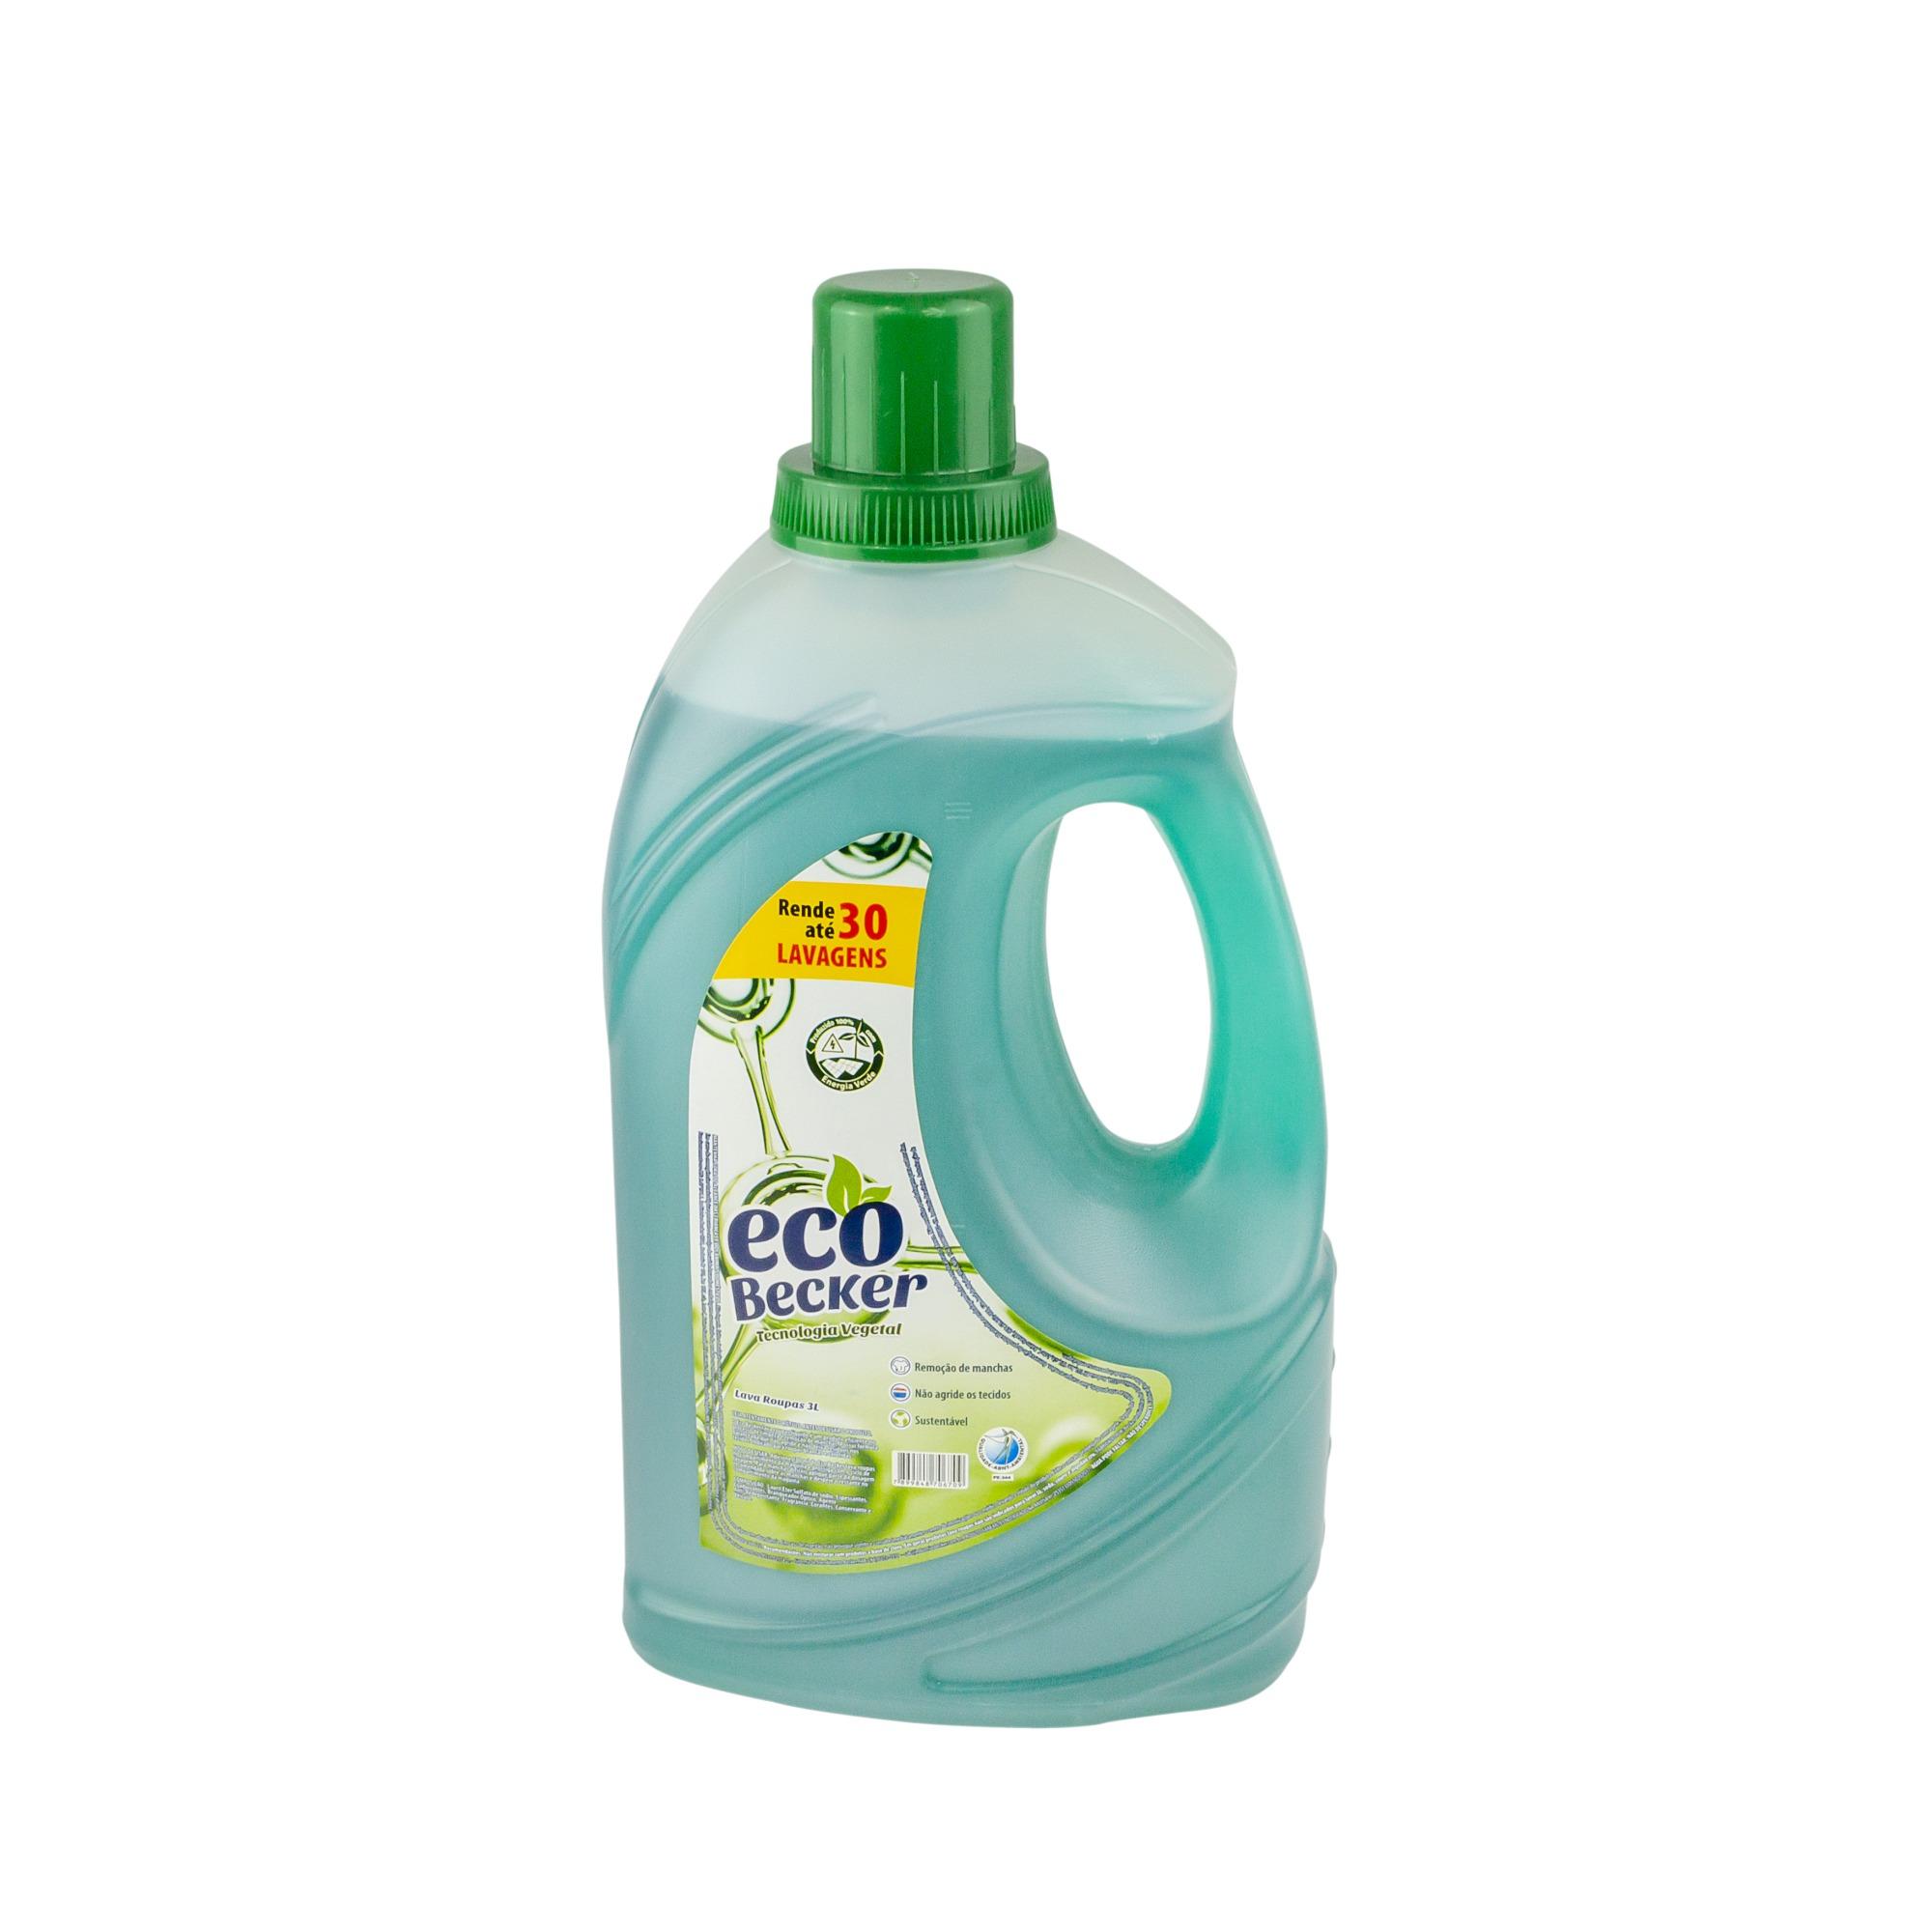 Sabao Liquido para Roupas Eco Becker 3L - Becker